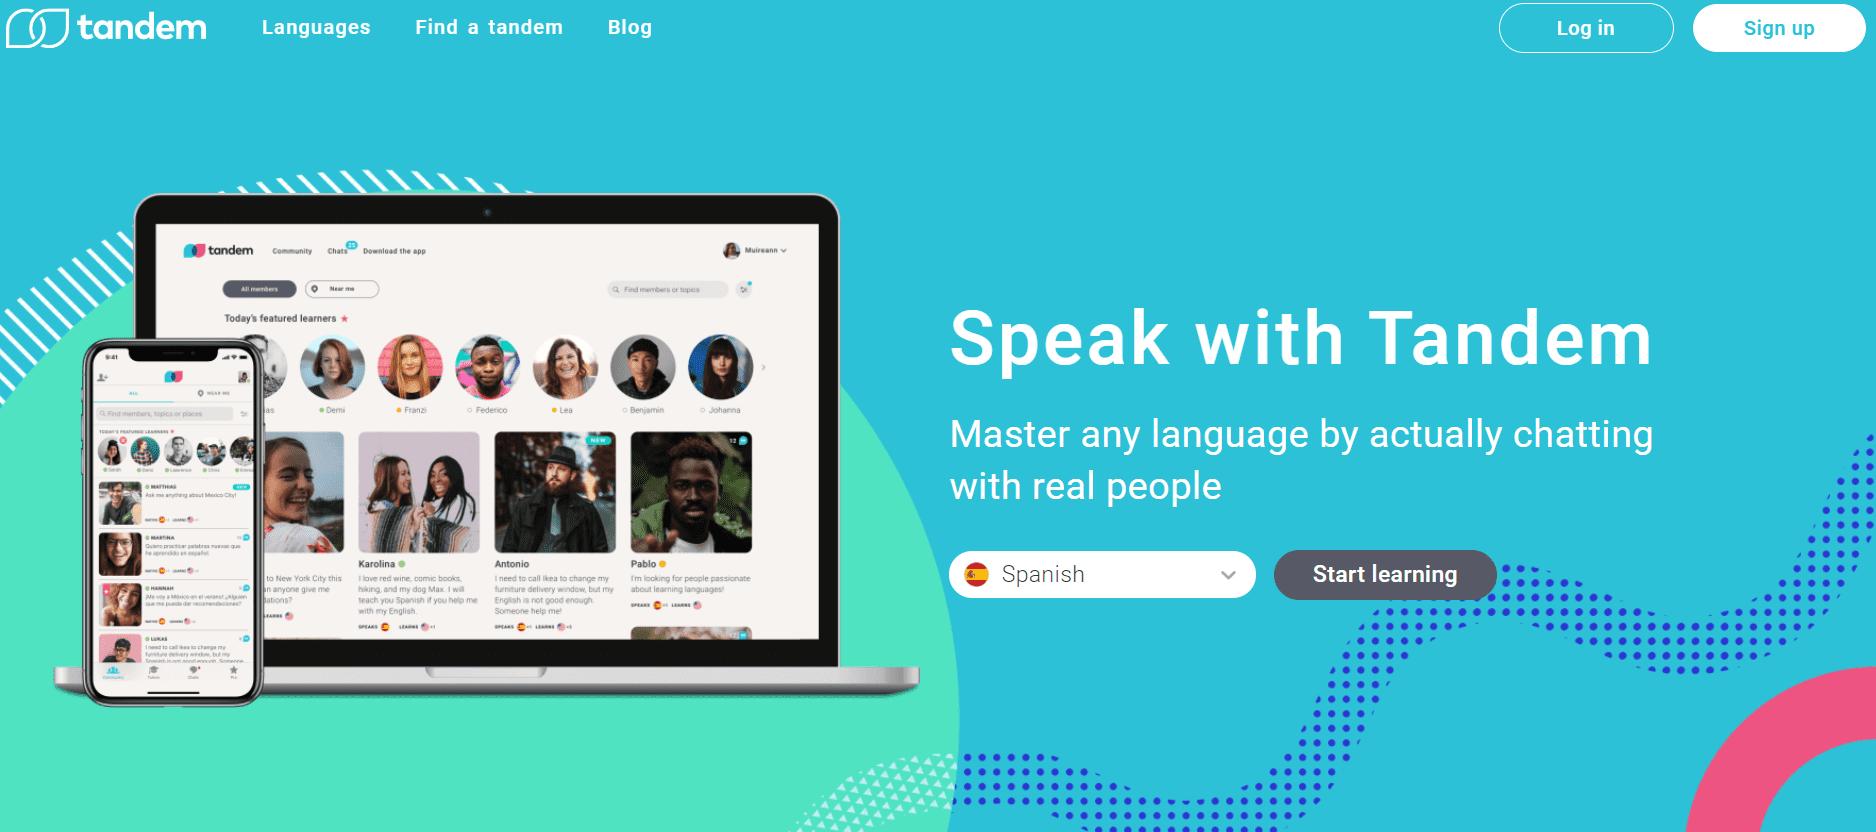 Как и где практиковать разговорную речь с носителями языка